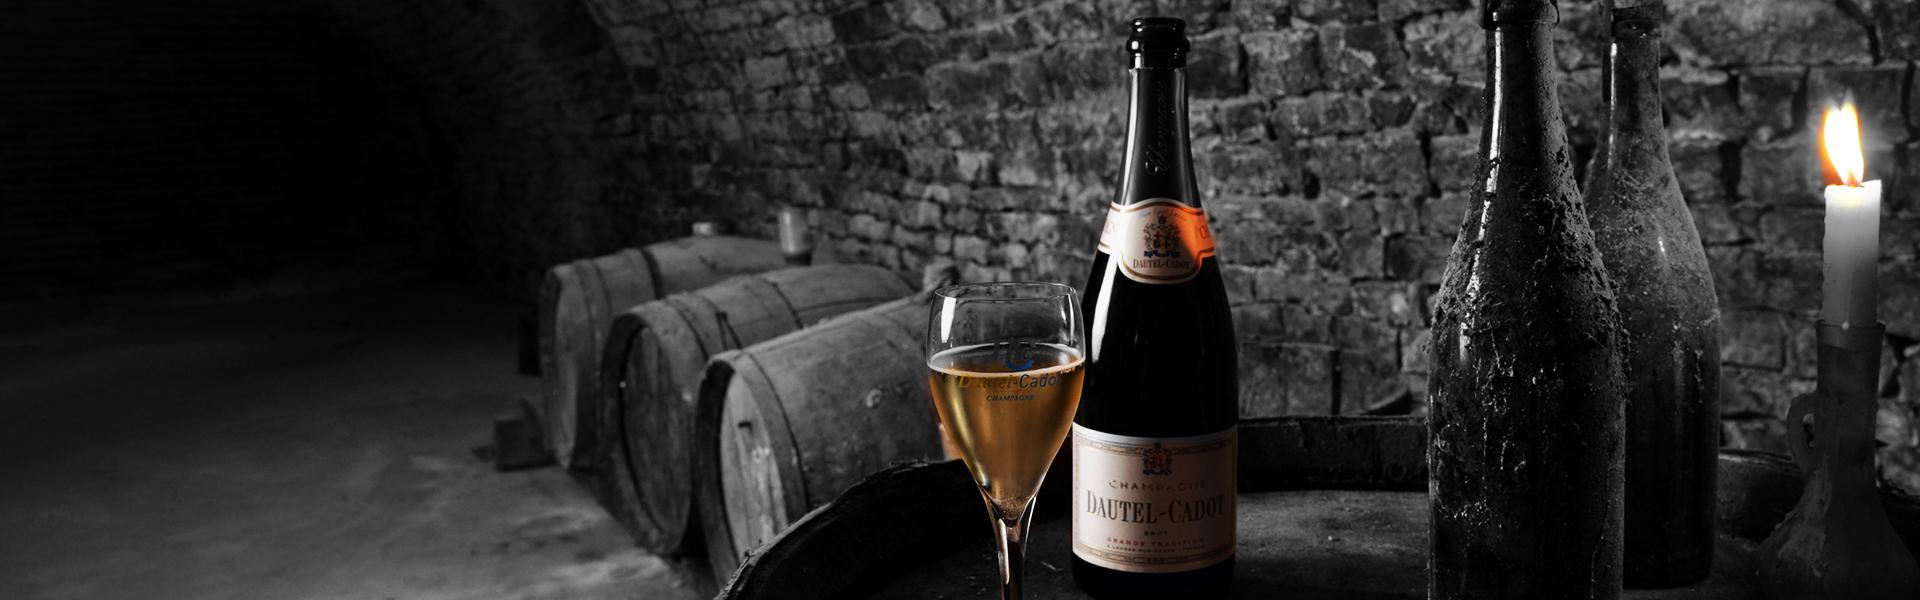 champagne-dautel-cadot-cuvees-visuel-bandeau-vin